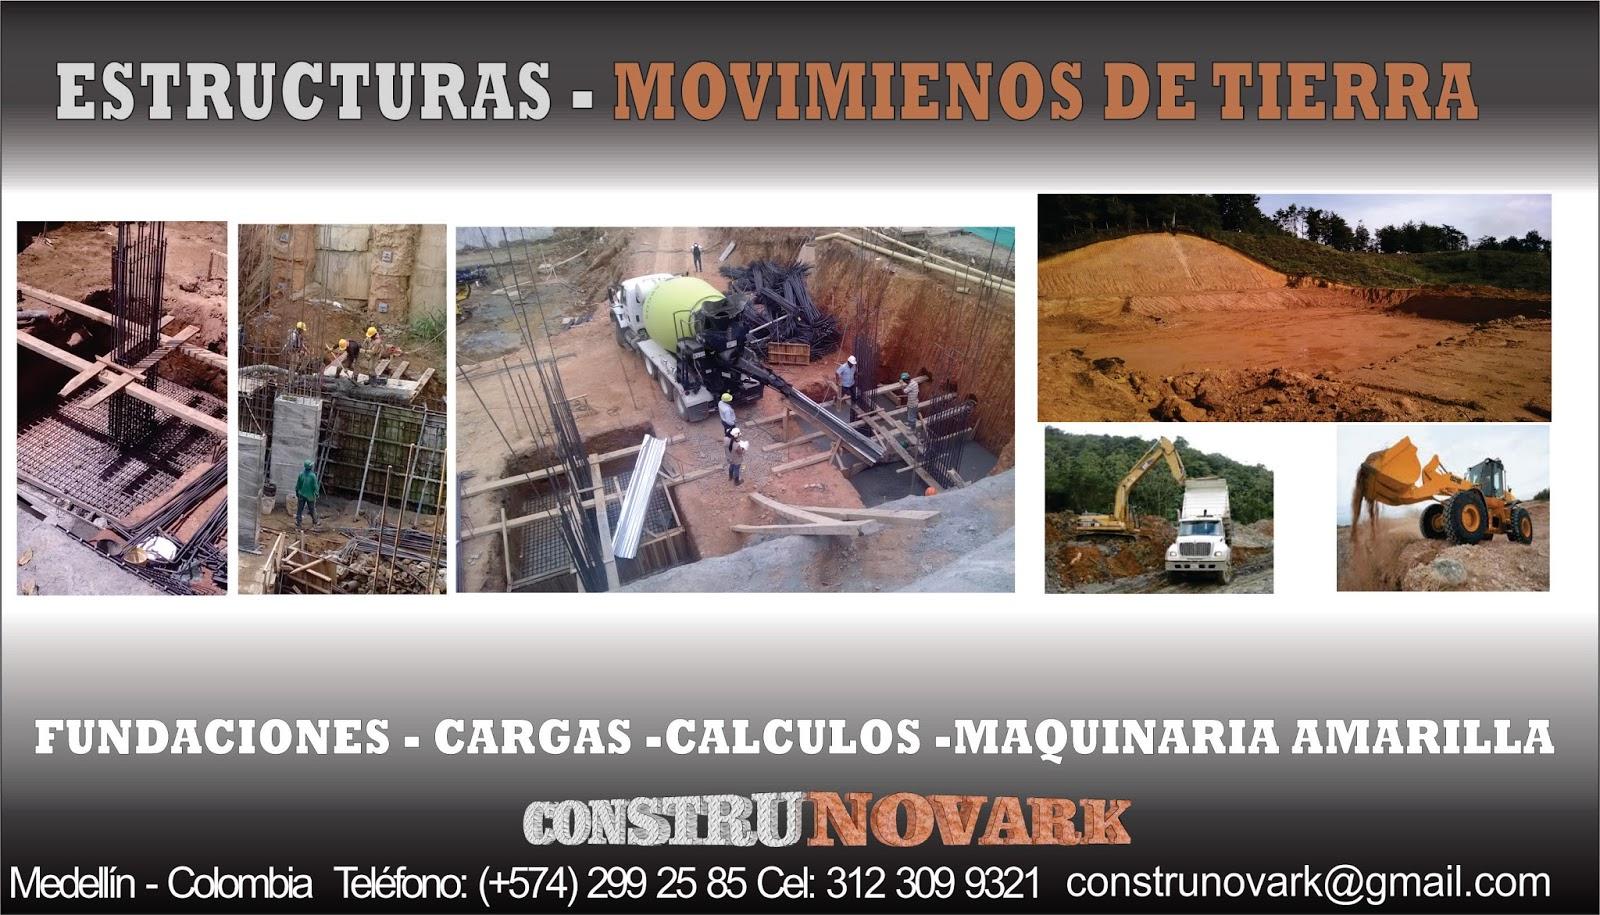 MOVIMIENTOS DE TIERRA